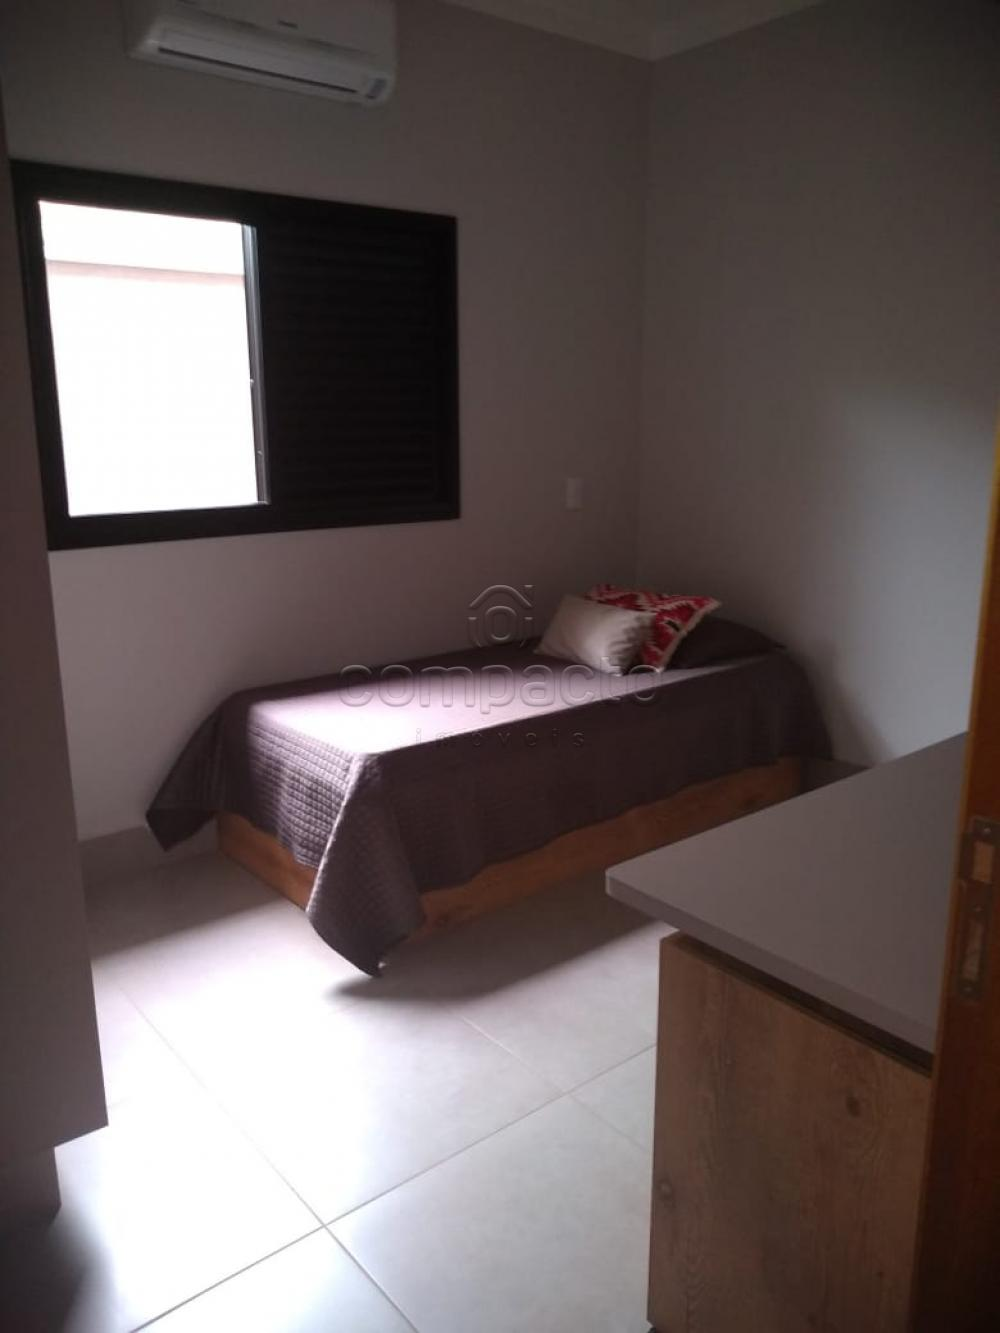 Comprar Casa / Condomínio em São José do Rio Preto apenas R$ 650.000,00 - Foto 13